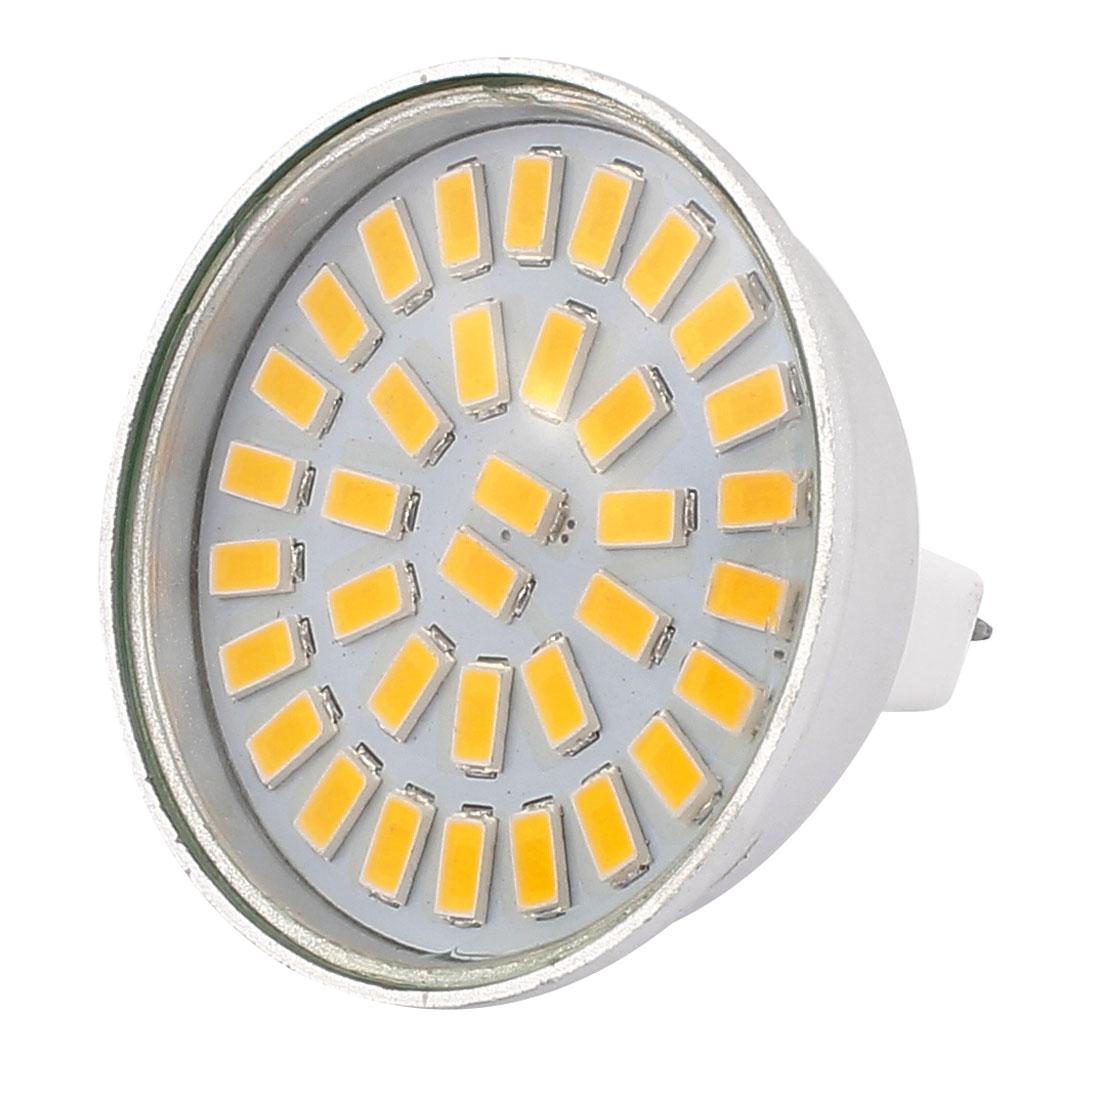 220V-240V 5W MR16 5730 SMD 35 LEDs LED Bulb Light Spotlight Lamp Energy Save Warm White